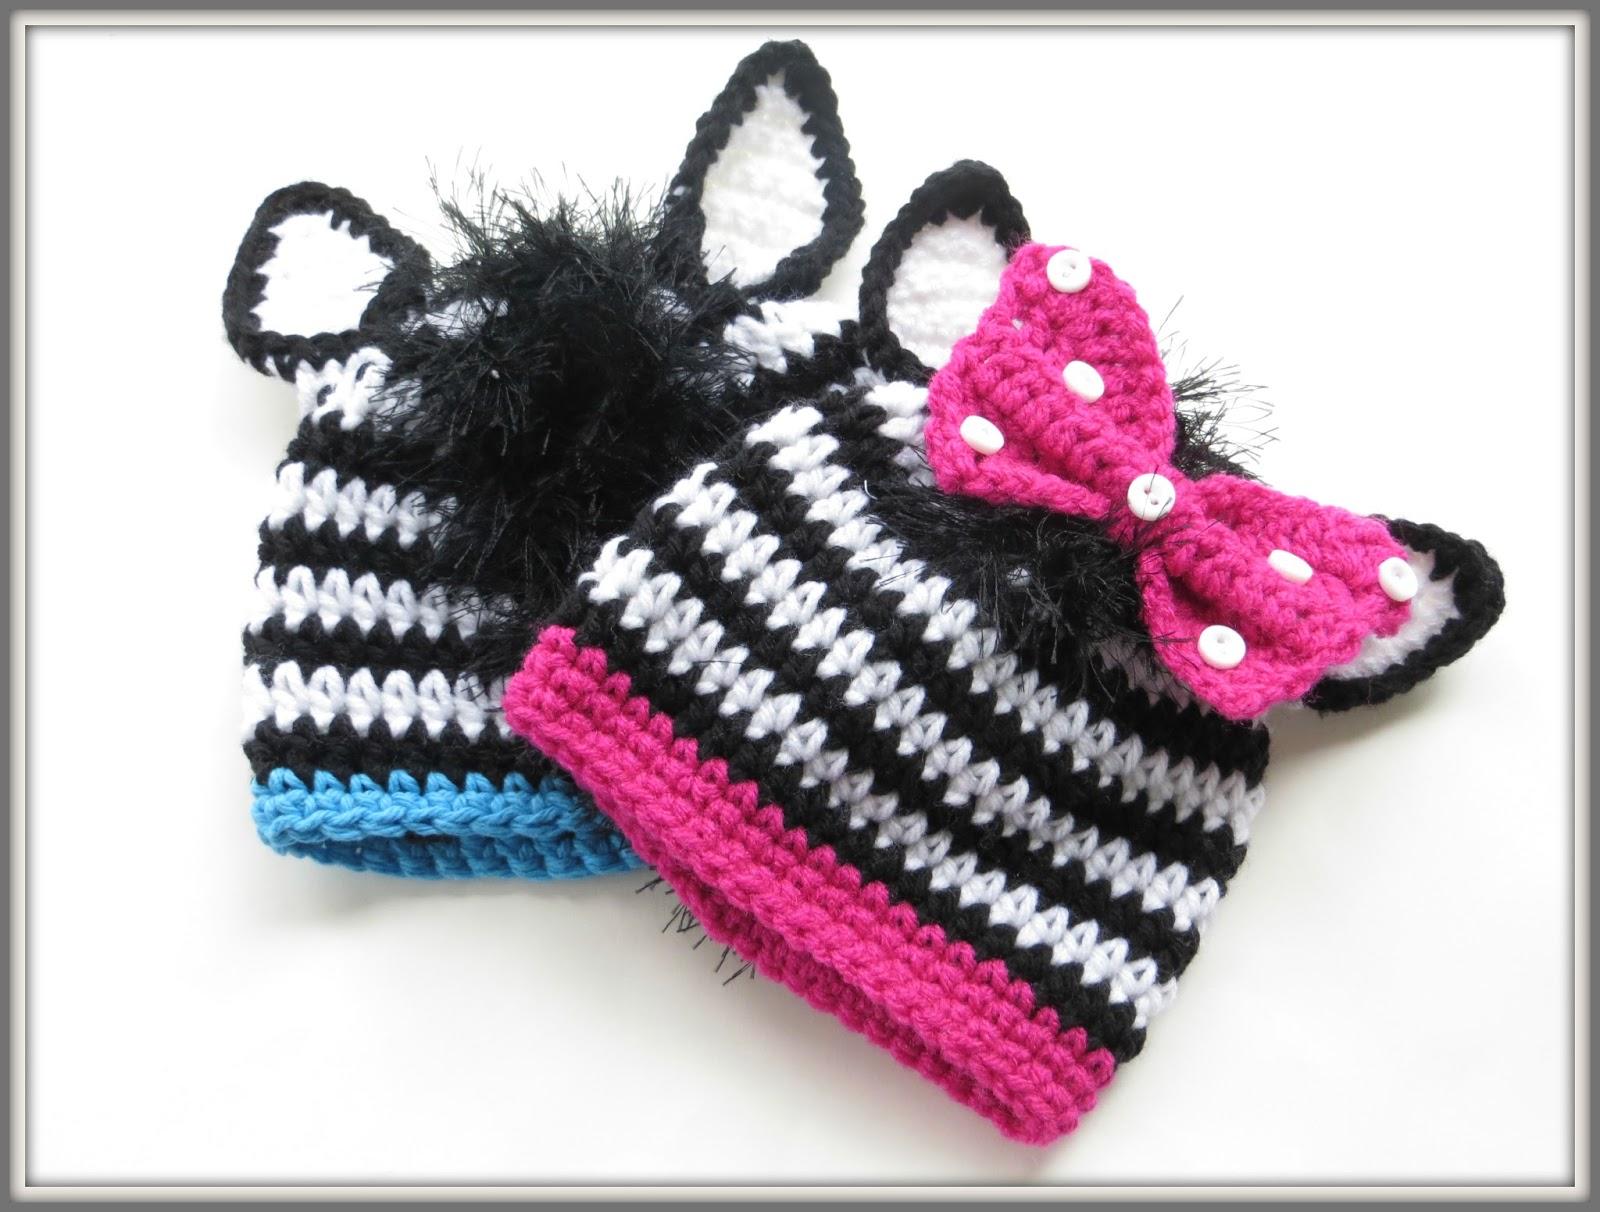 Zebra Hat Knitting Pattern : Crochet dreamz zebra beanie pattern for boys or